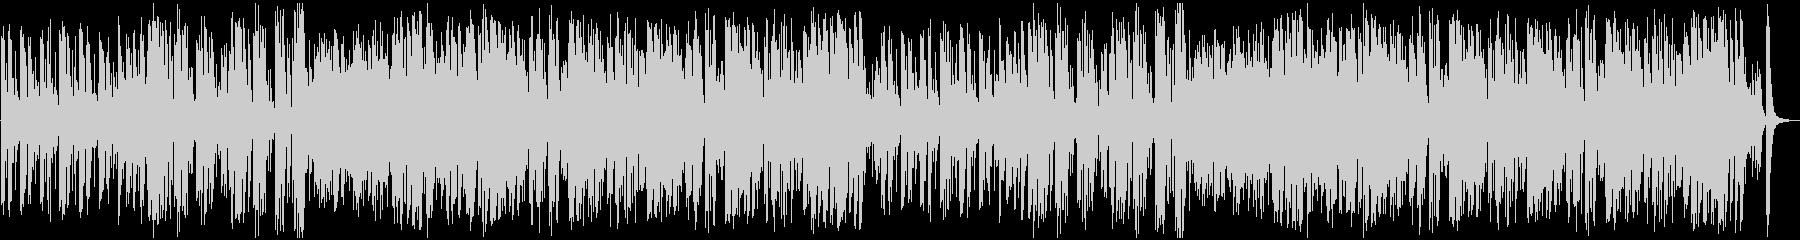 オーケストラの明るい序曲の未再生の波形